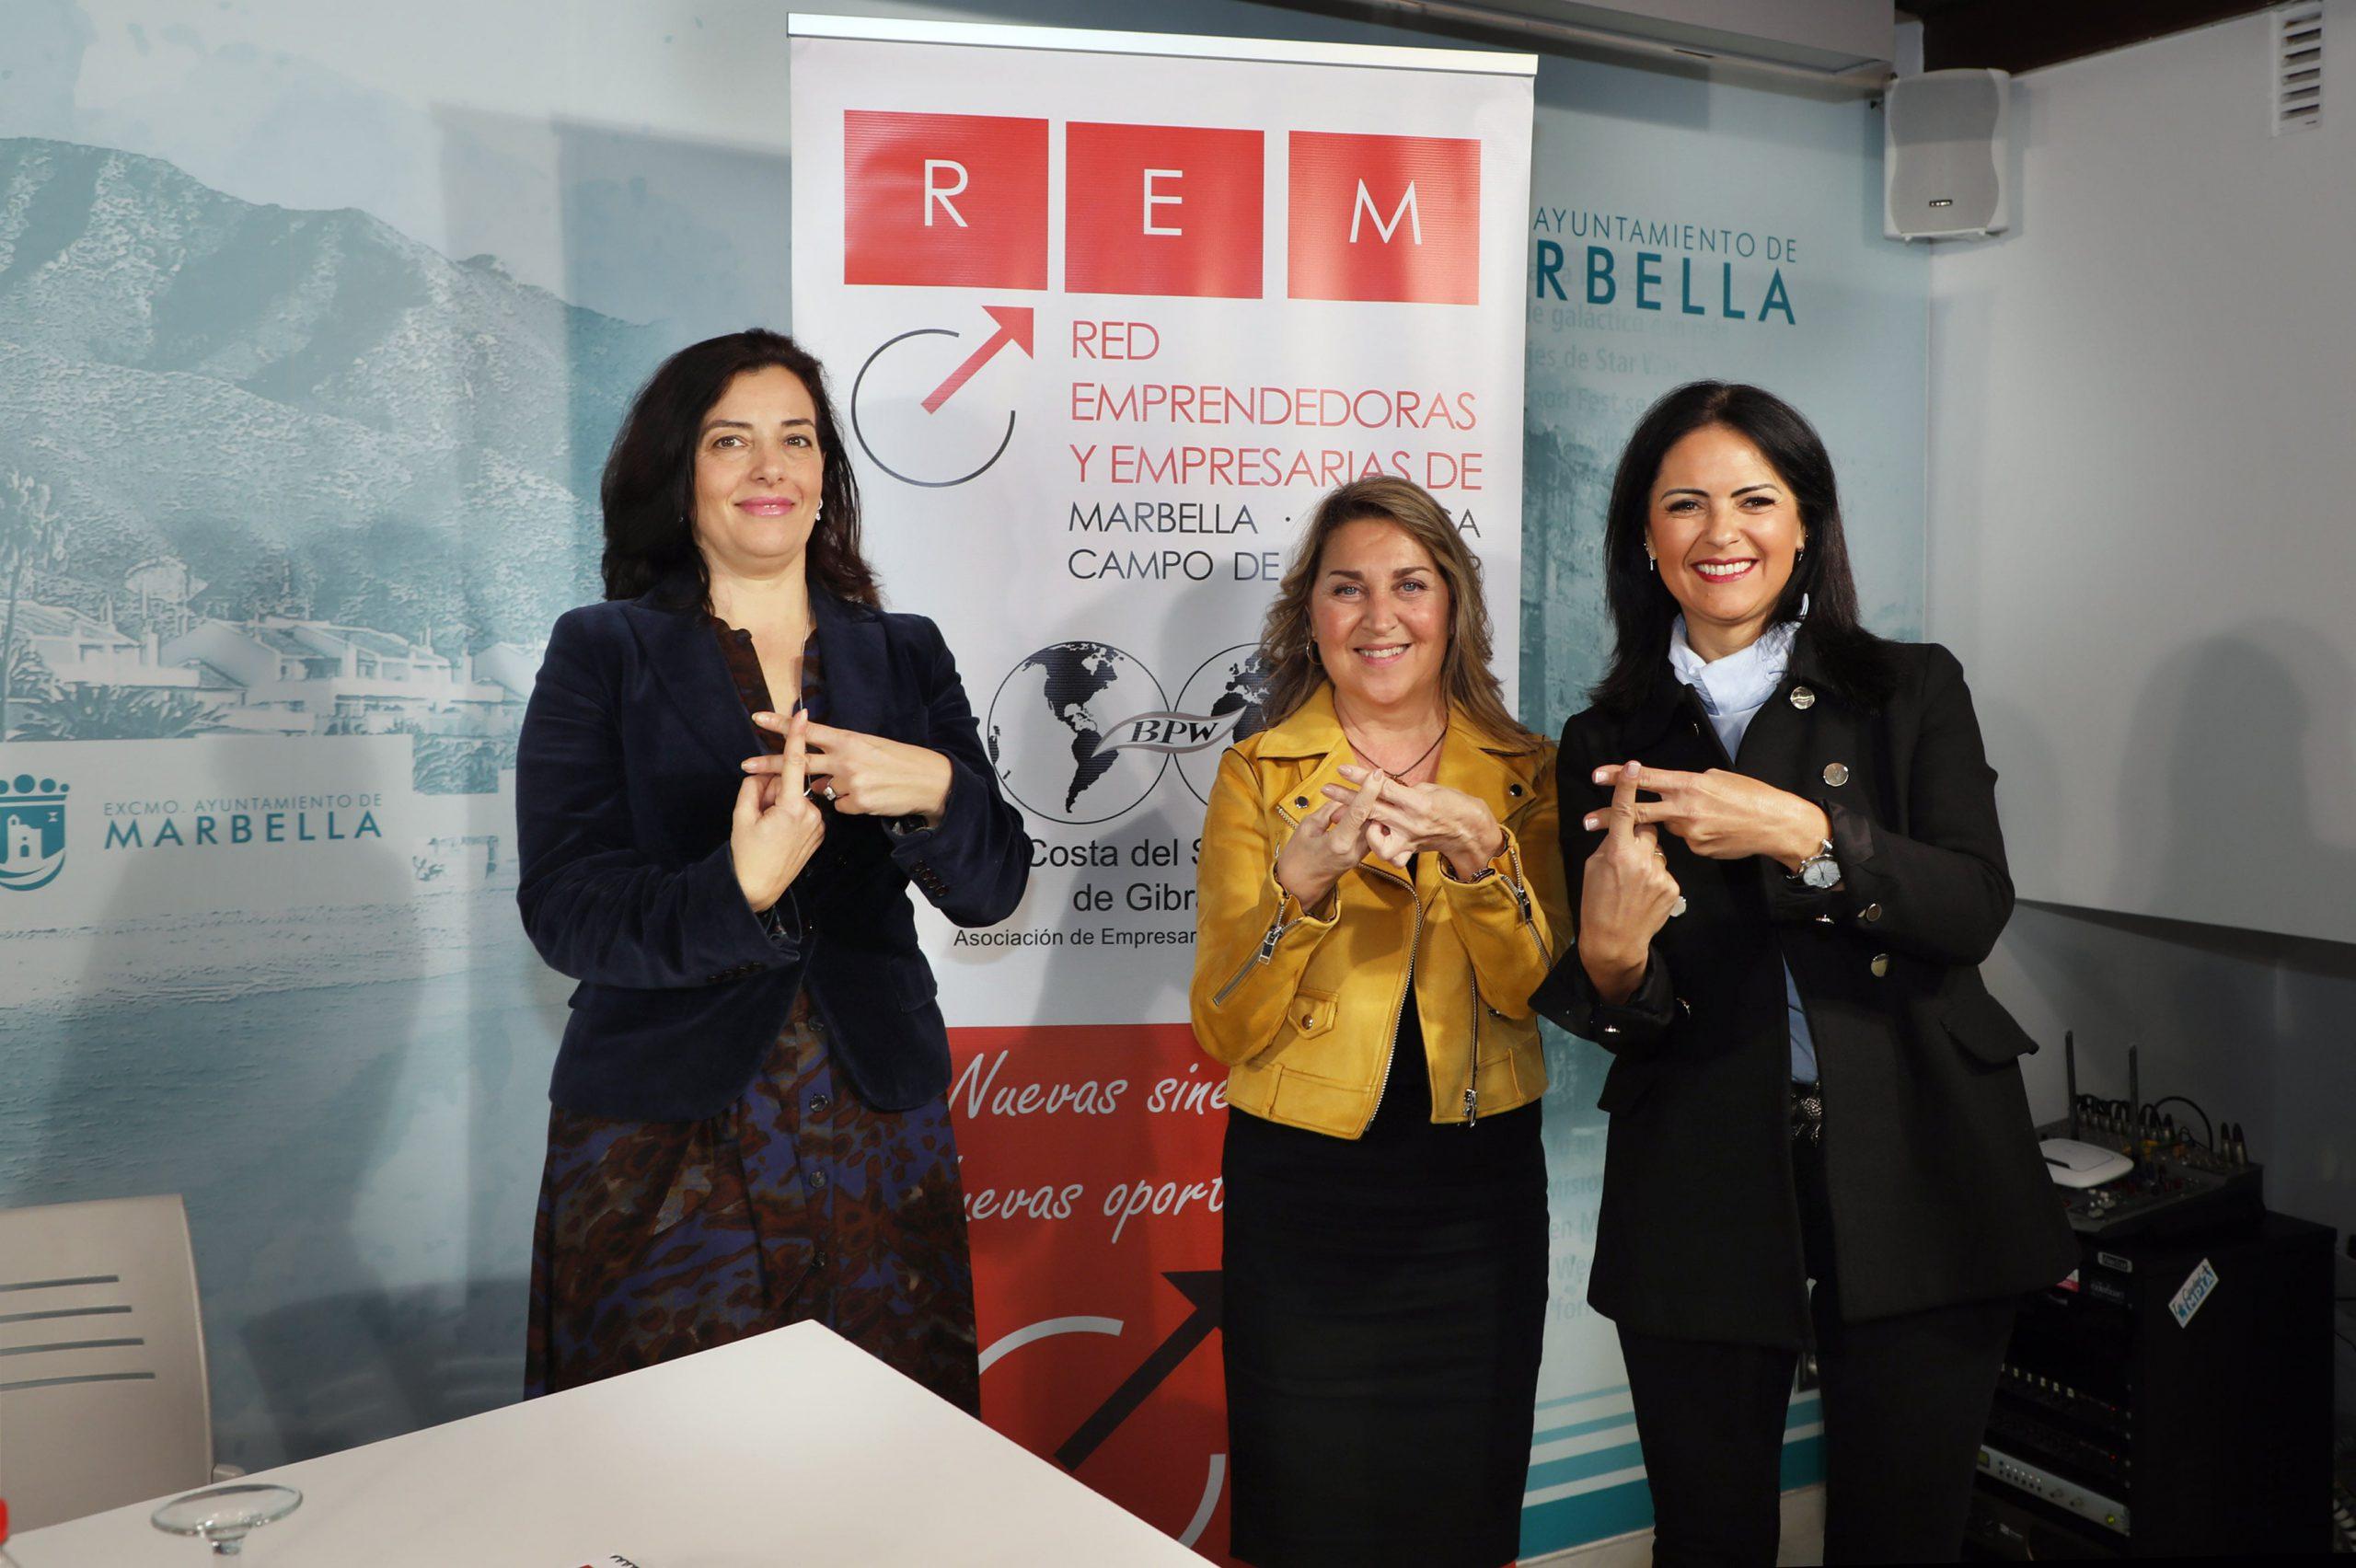 El Ayuntamiento colabora de nuevo con la asociación REM